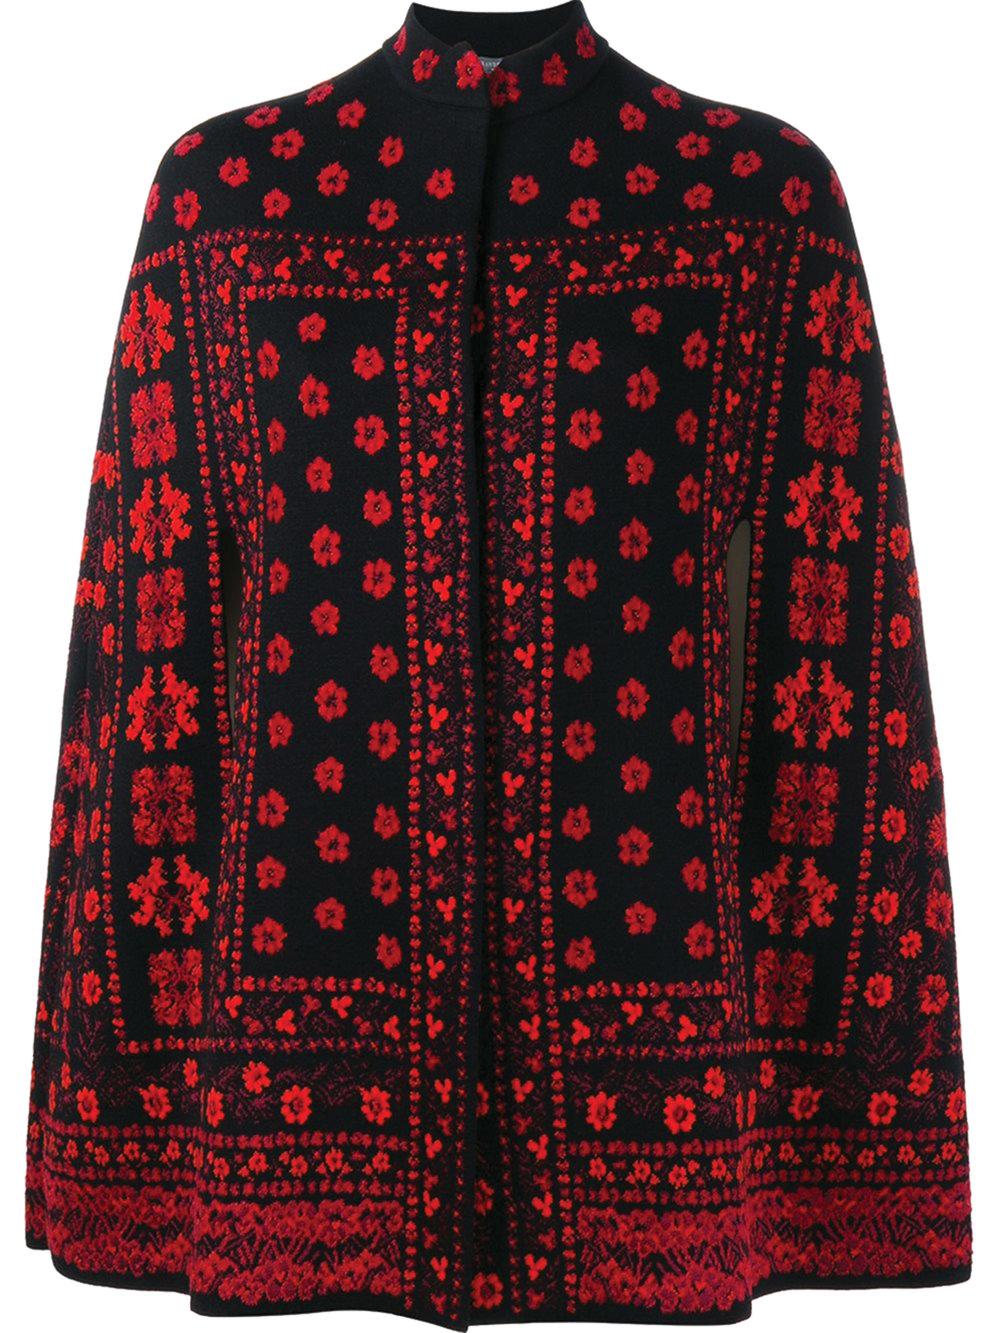 Alexander McQueen Floral Jacquard Knit Cape $2,990